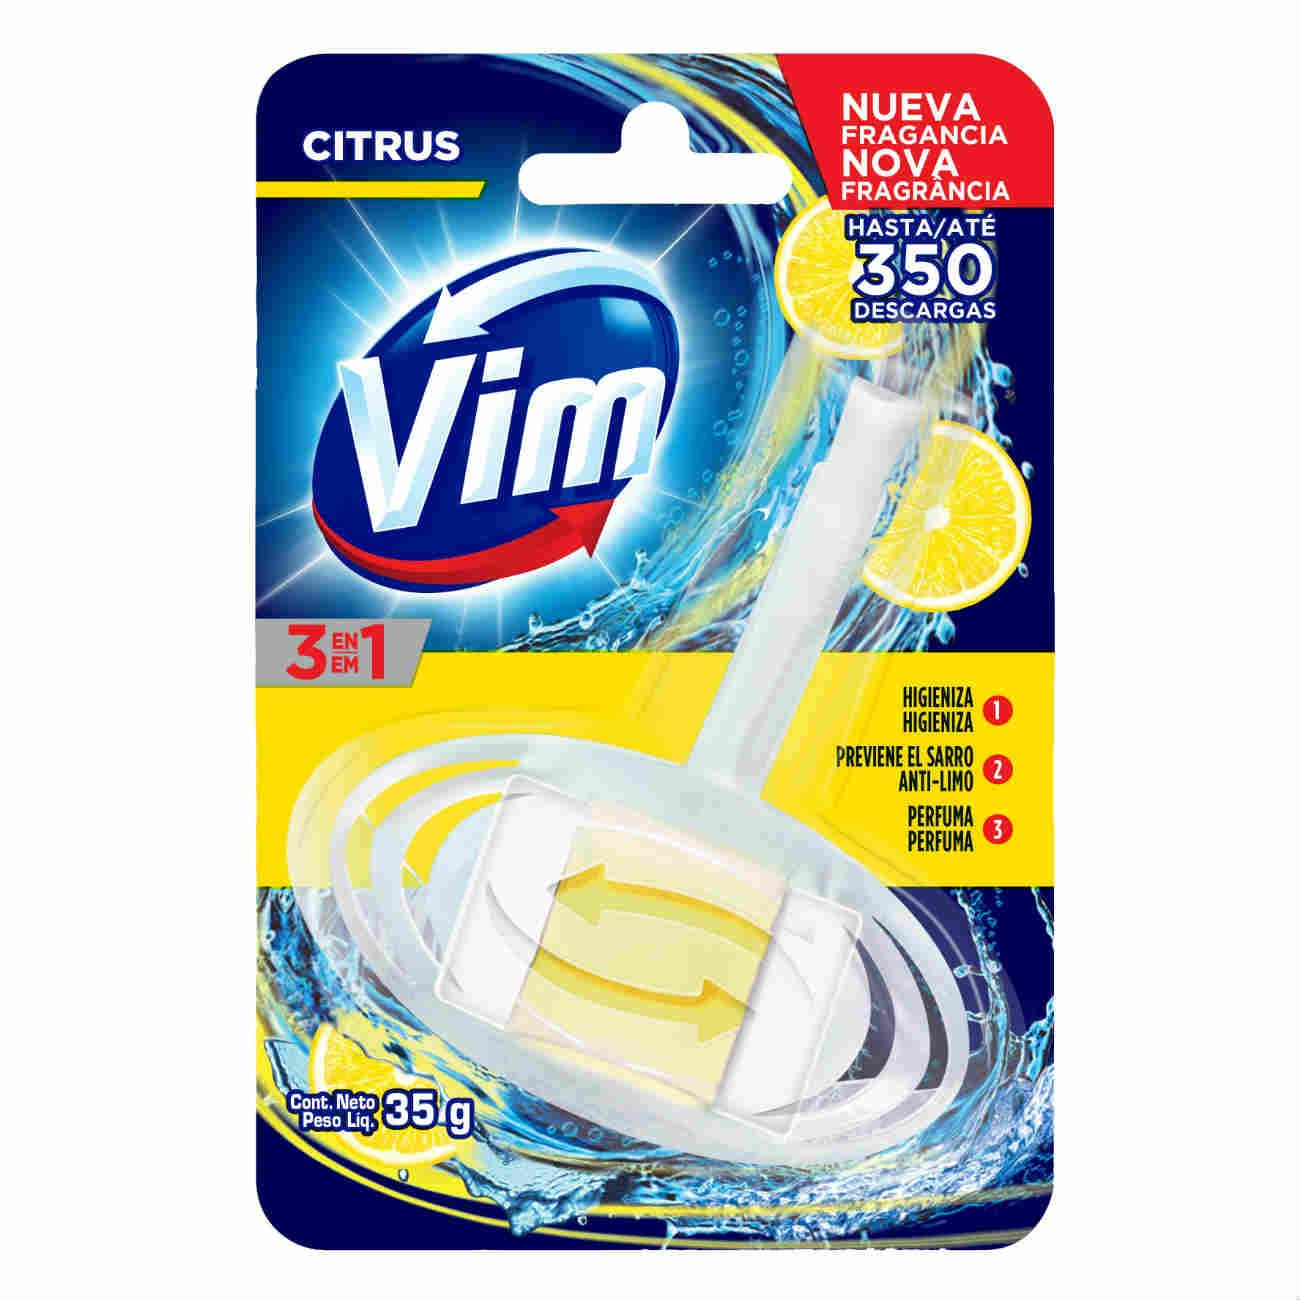 Bloco Sanitário VIM 3 em 1 Citrus 35g